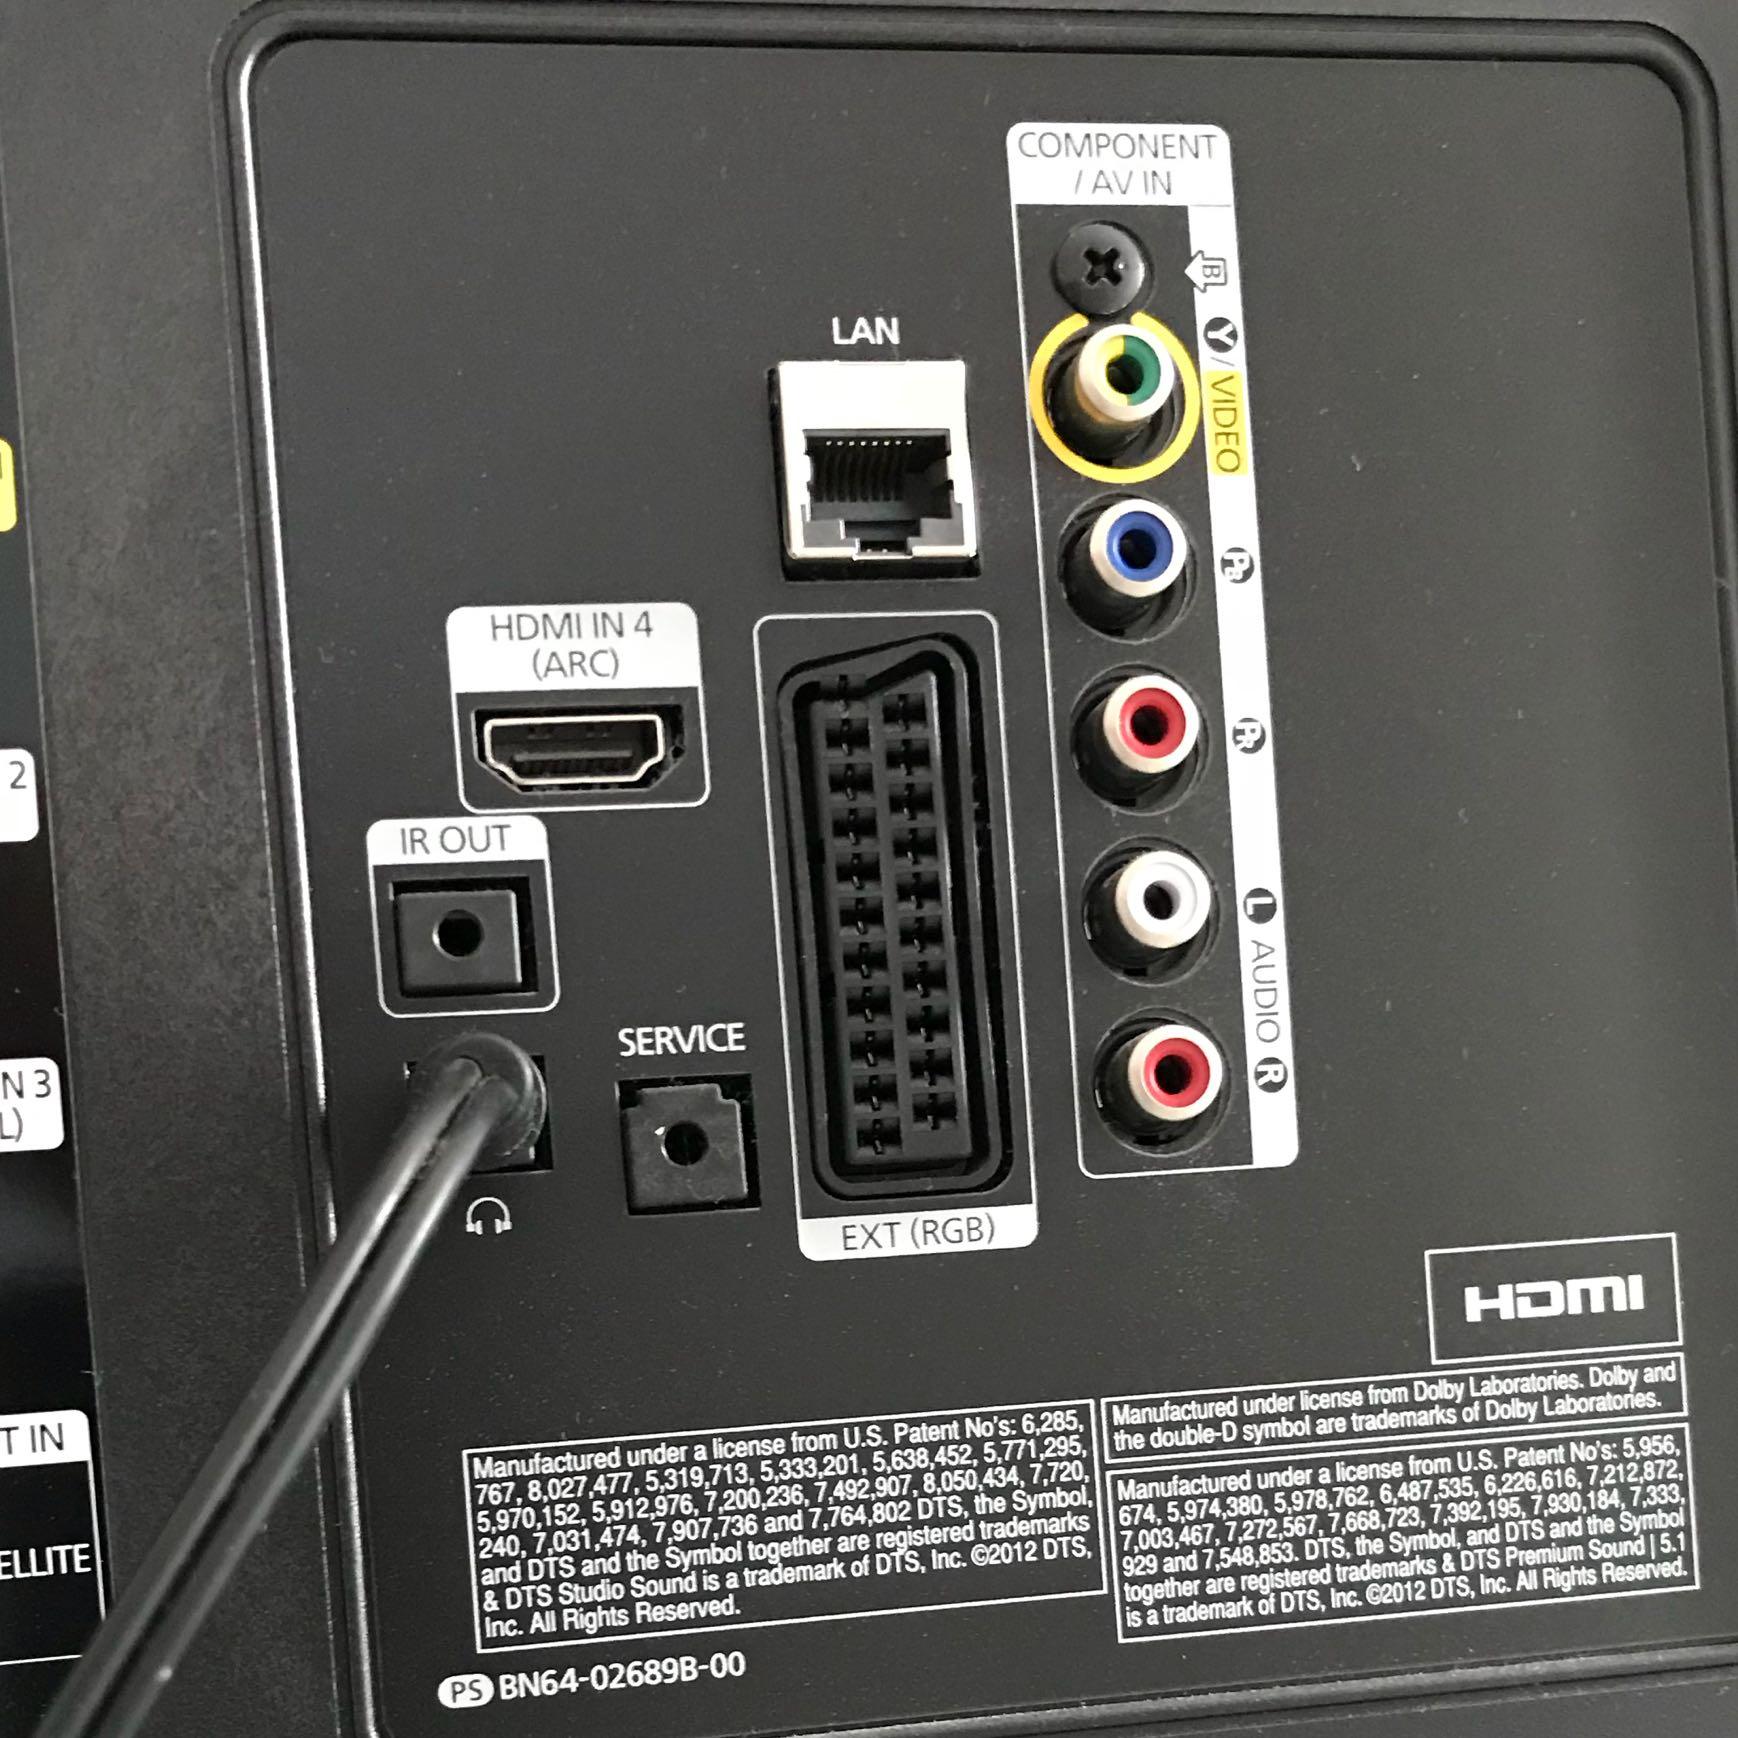 Teufel PC Lautsprecher an Fernseher? (Computer, Musik